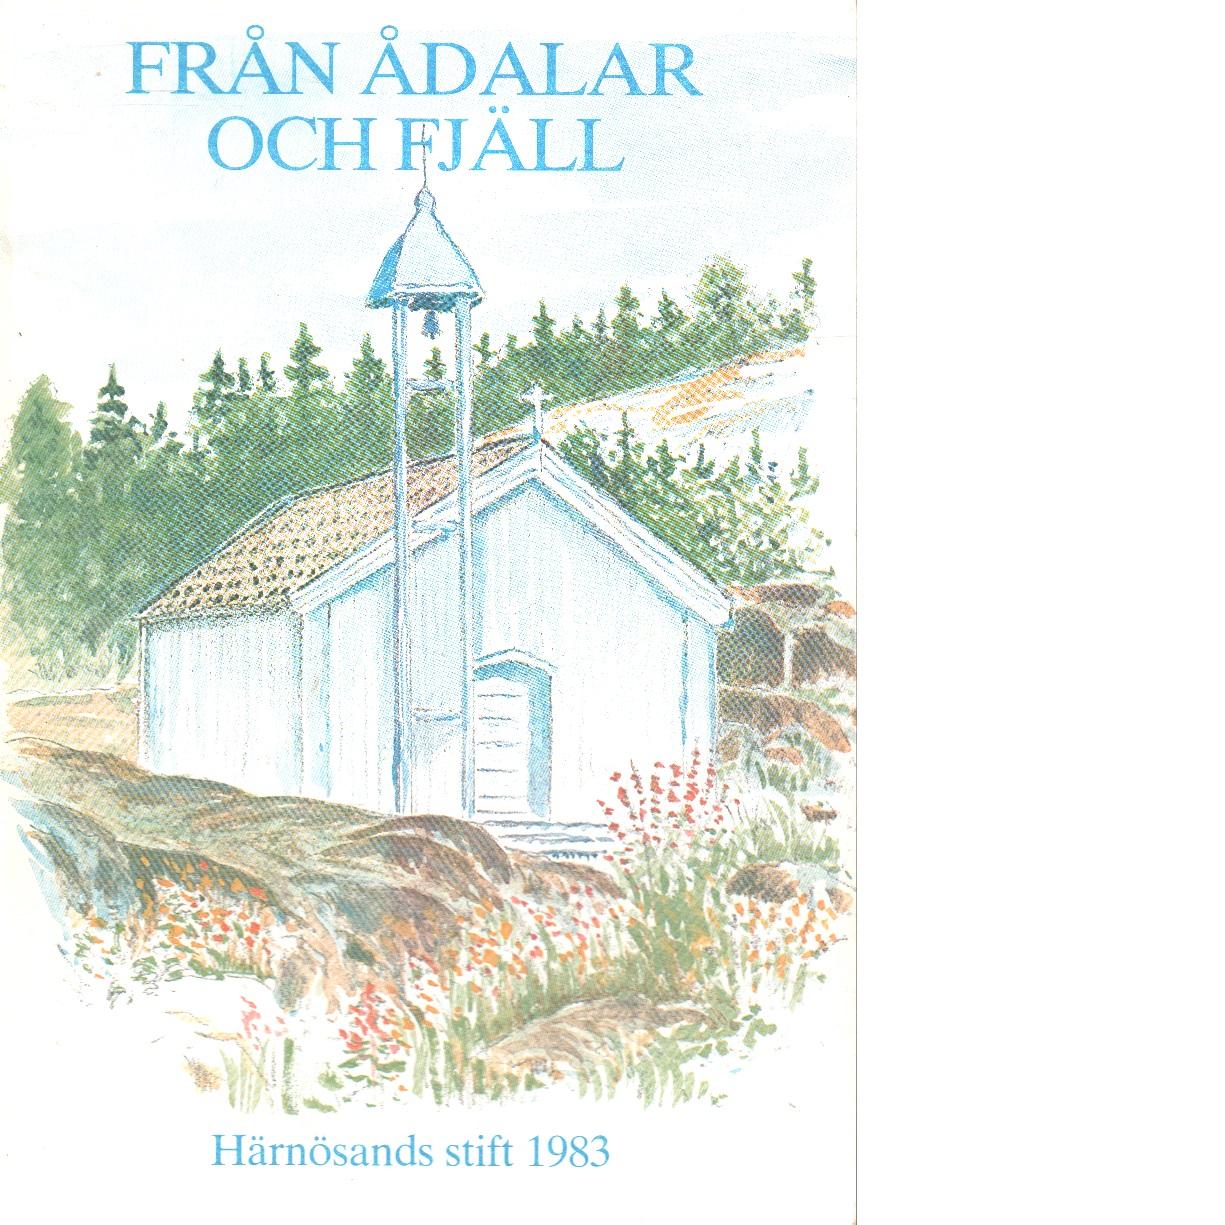 Från Ådalar och fjäll - Härnösands stifts julbok 1983 - Red.